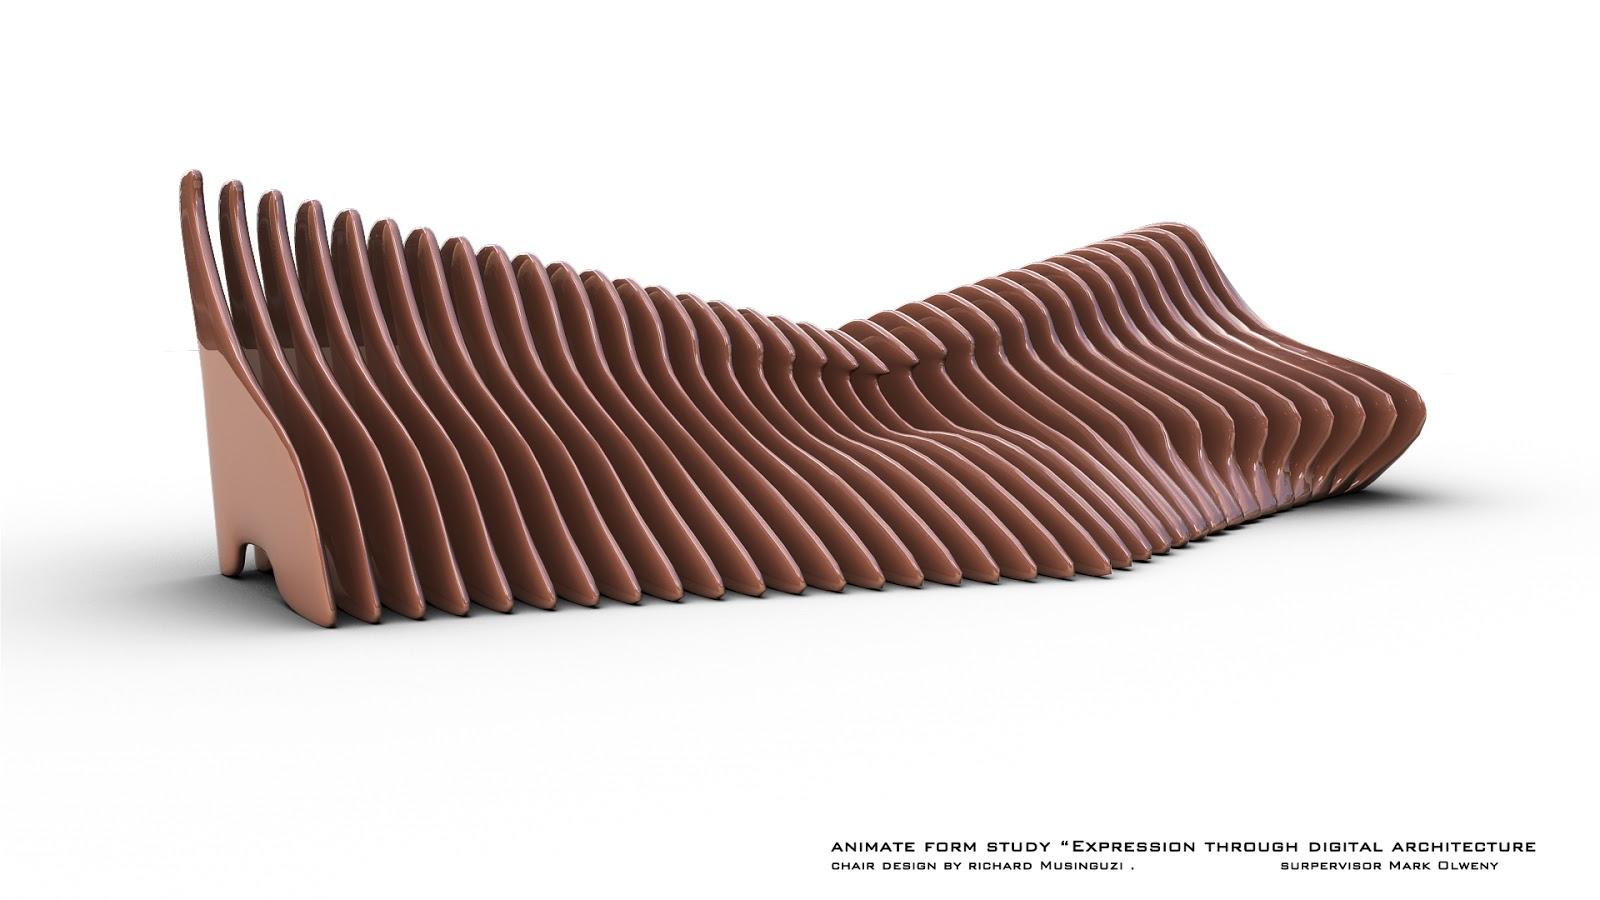 grimrichardsartlife generative chair design. Black Bedroom Furniture Sets. Home Design Ideas